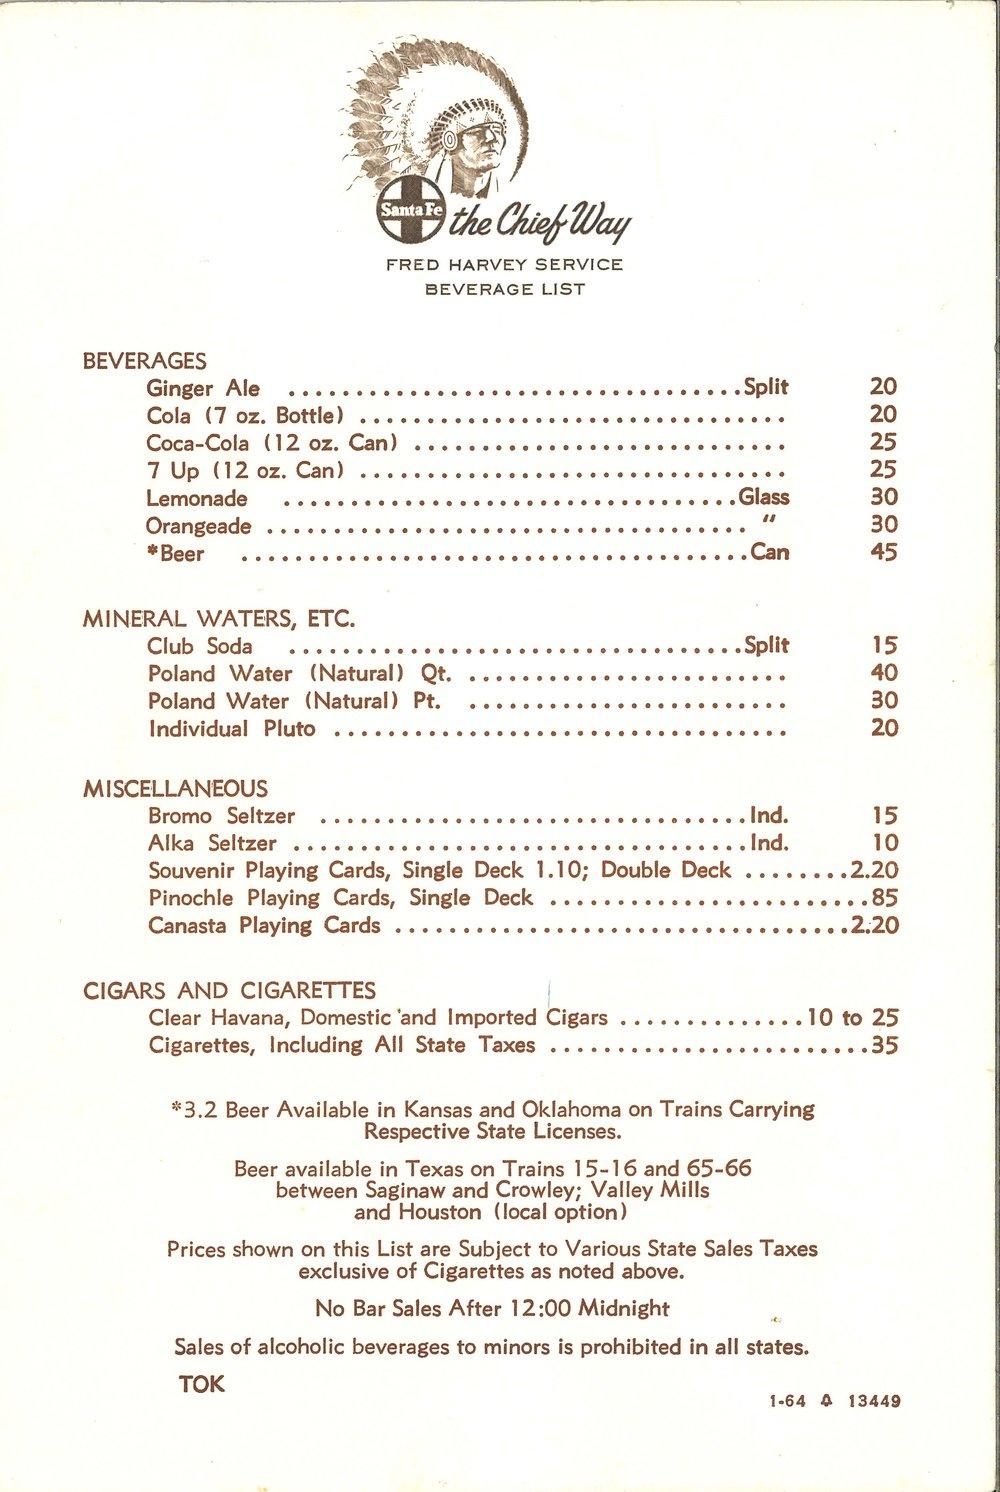 Santa Fe Dinning Car Service_007.jpg